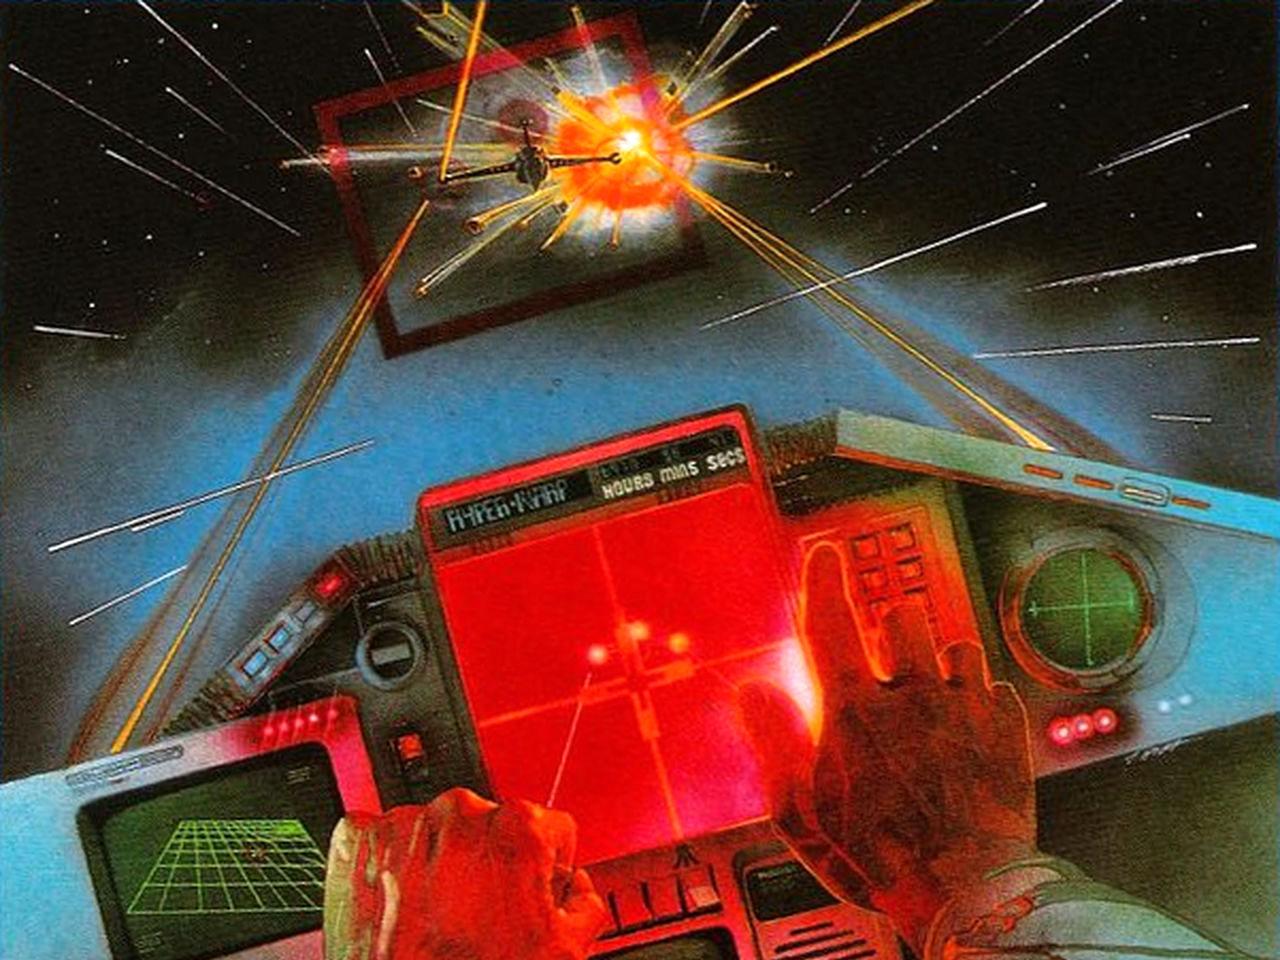 Eine Abbildung zu Star Raiders, einem Weltraumspiel von Atari. (Bild: Atari)